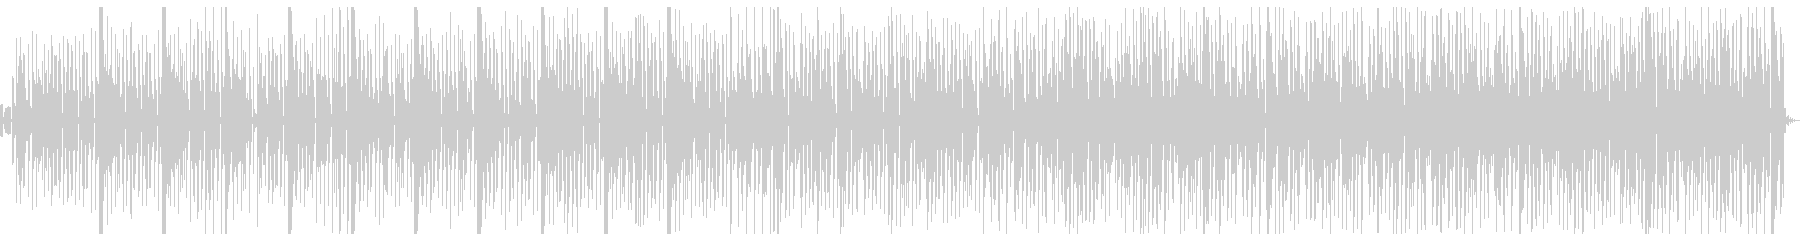 ティーン ポップ テクノ ドラム ...の未再生の波形